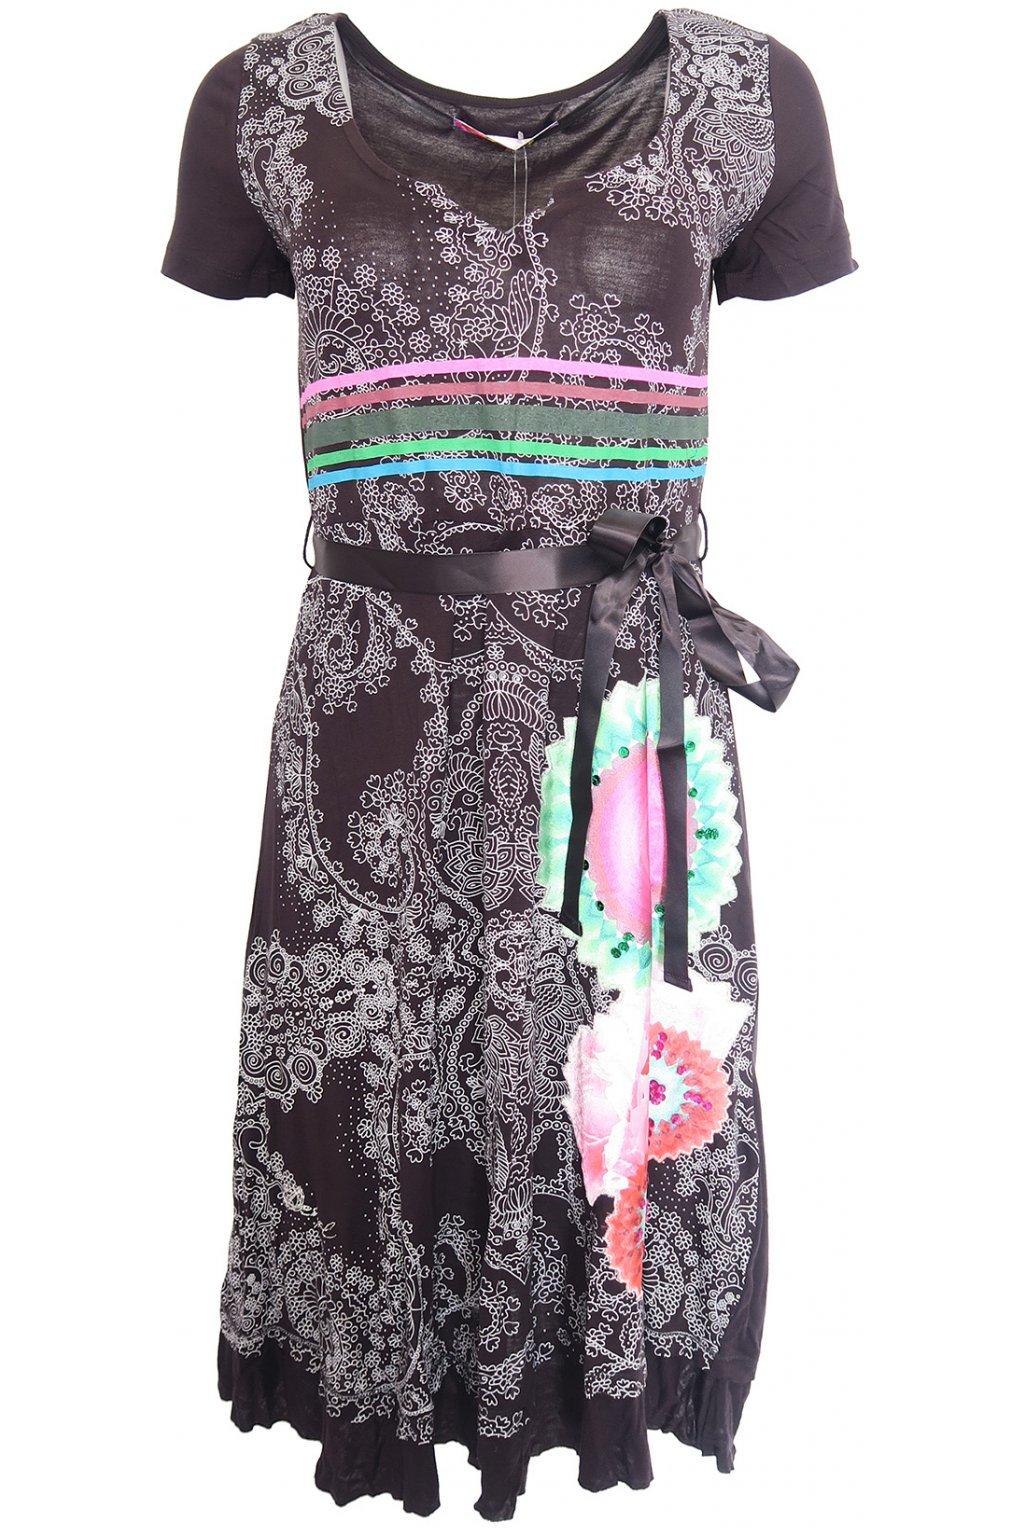 Desigual černé šaty s barevnými pruhy